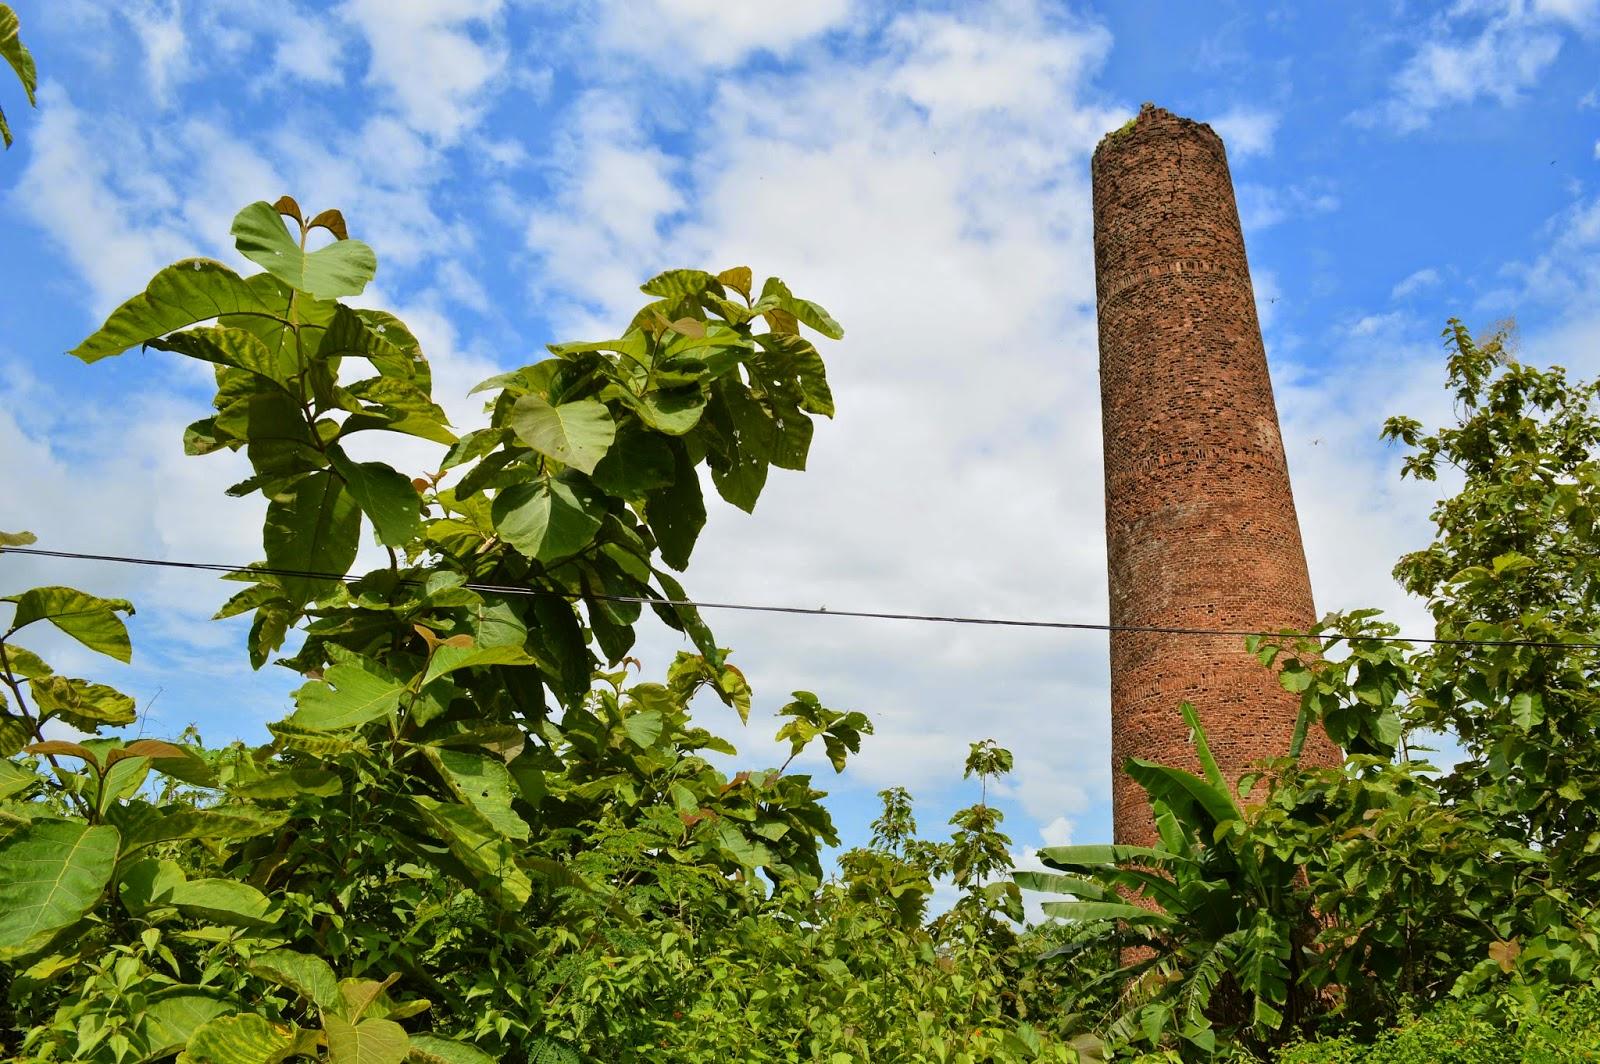 Peninggalan Belanda Menara Schoorsteen Kecamatan Pamotan Baca Asal Usul Desa